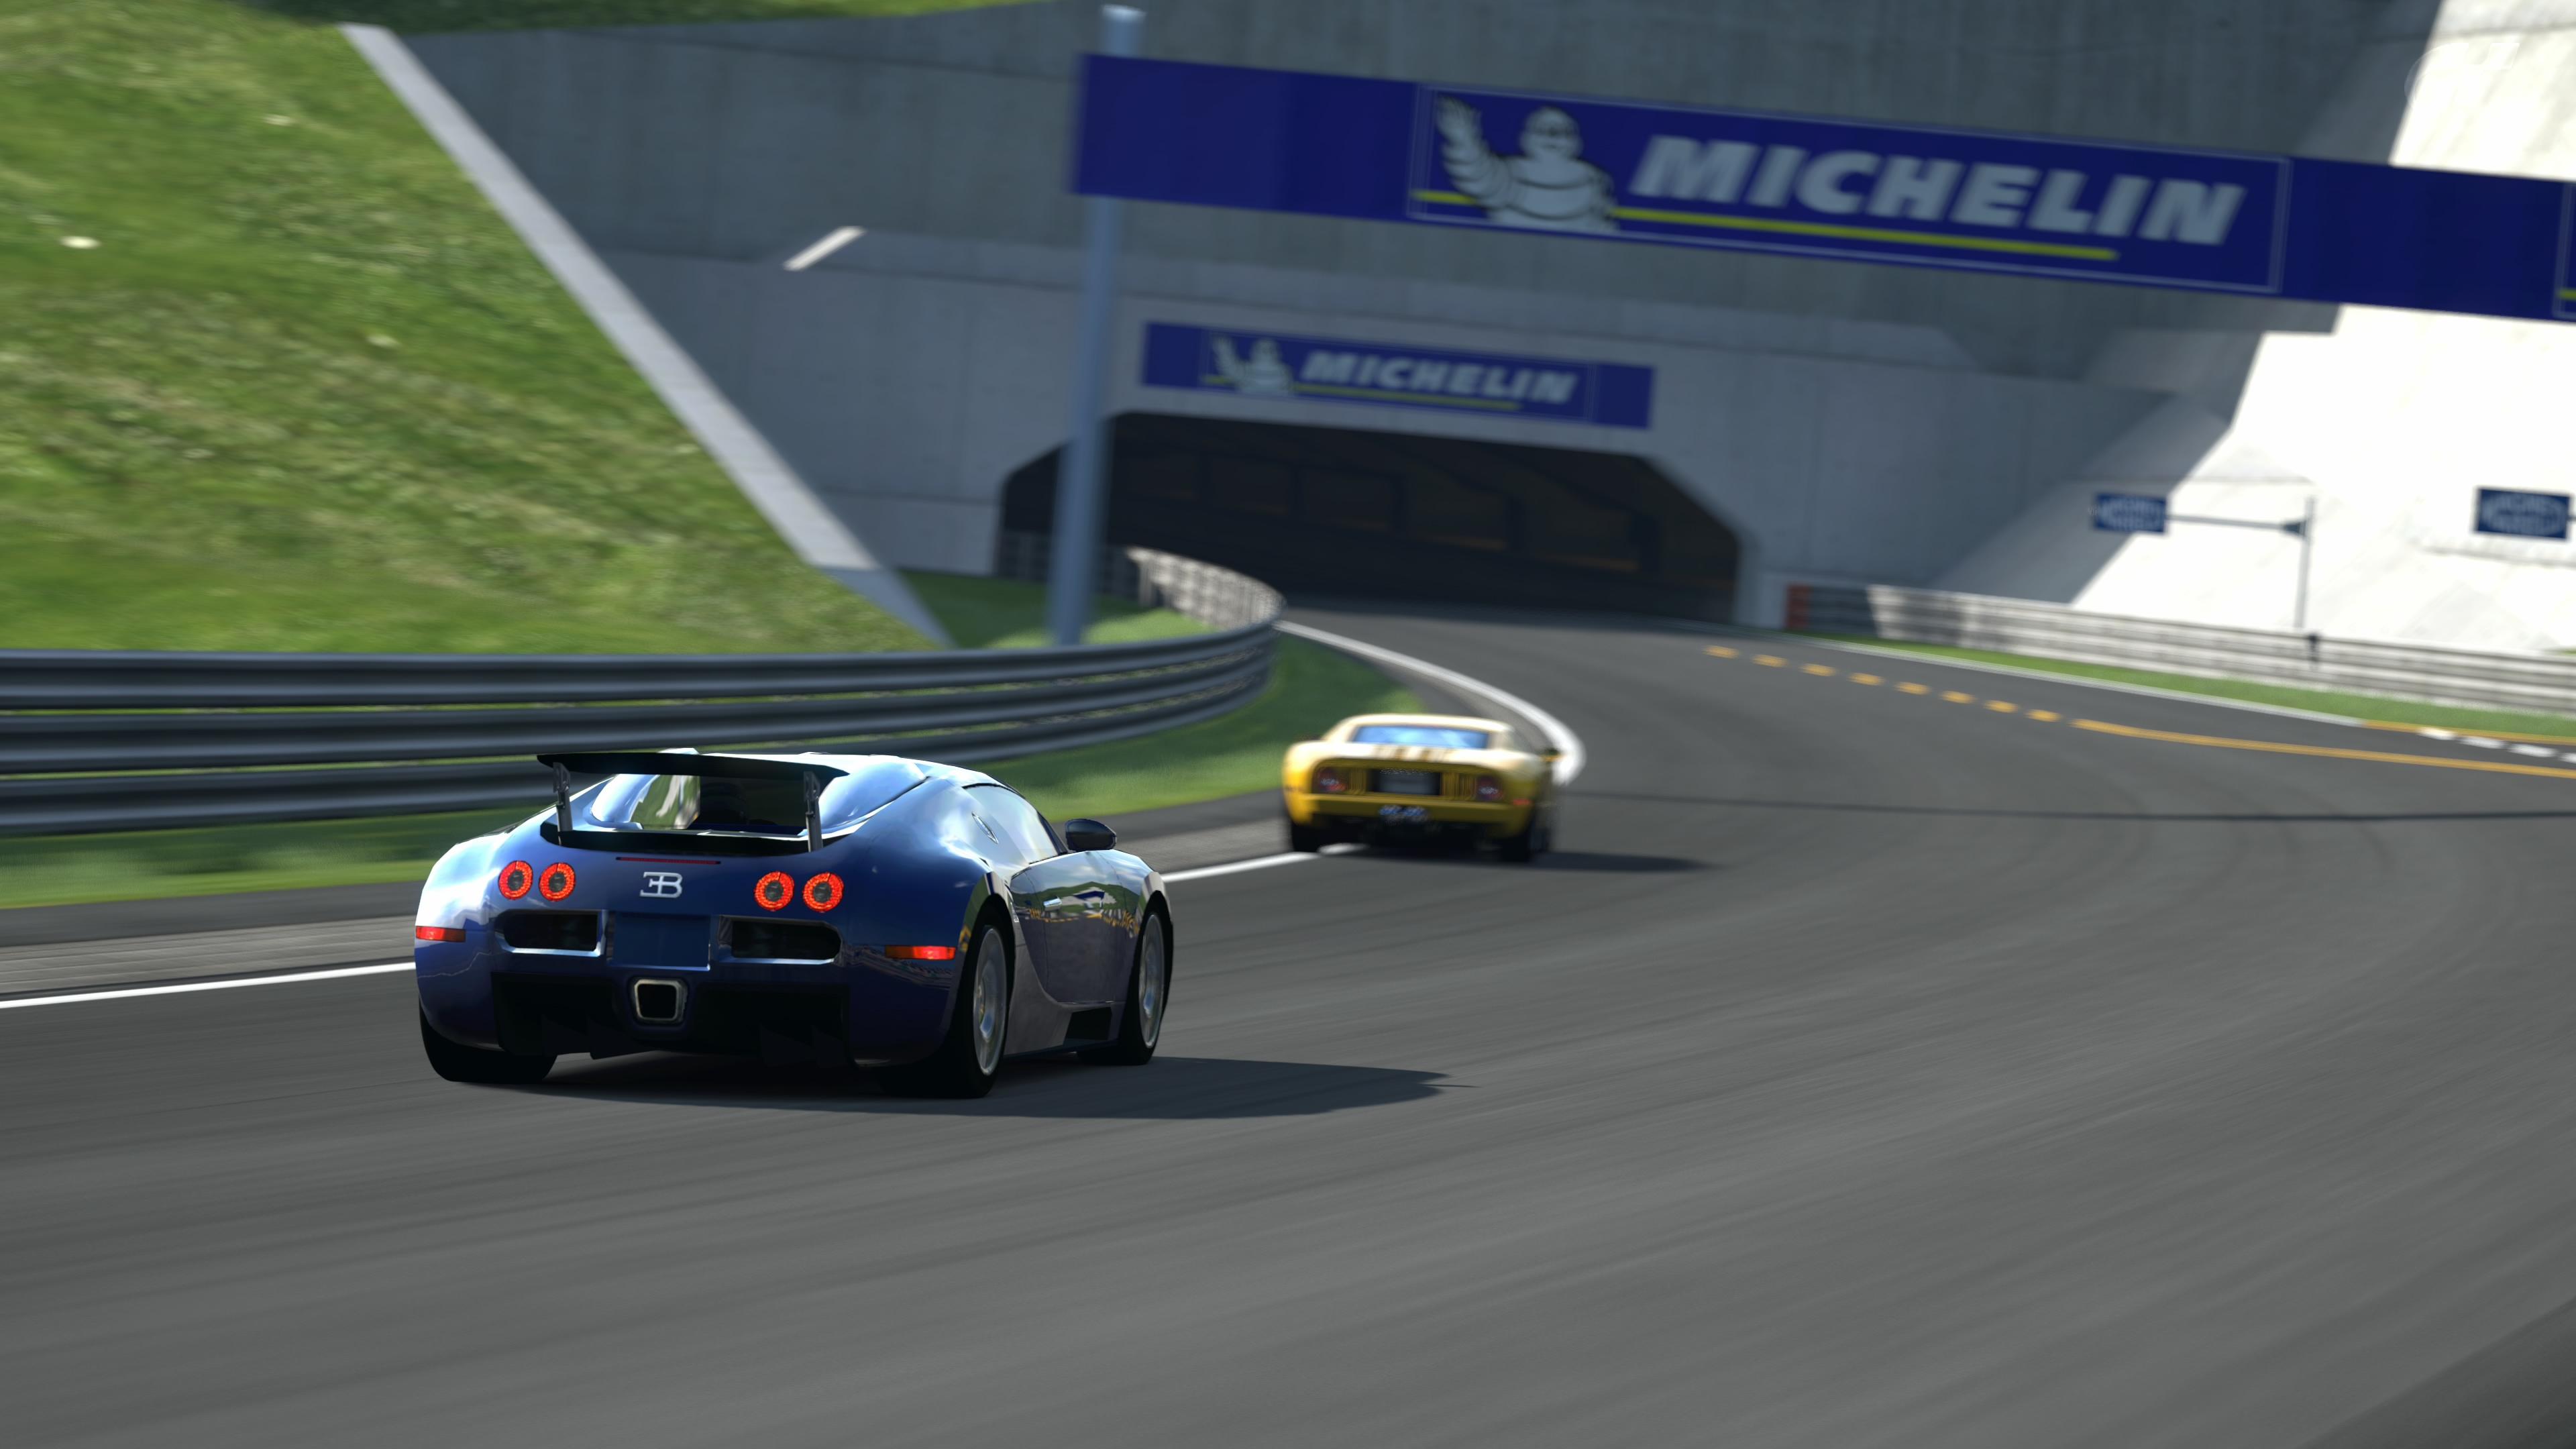 Bugatti veyron 16.4 photo